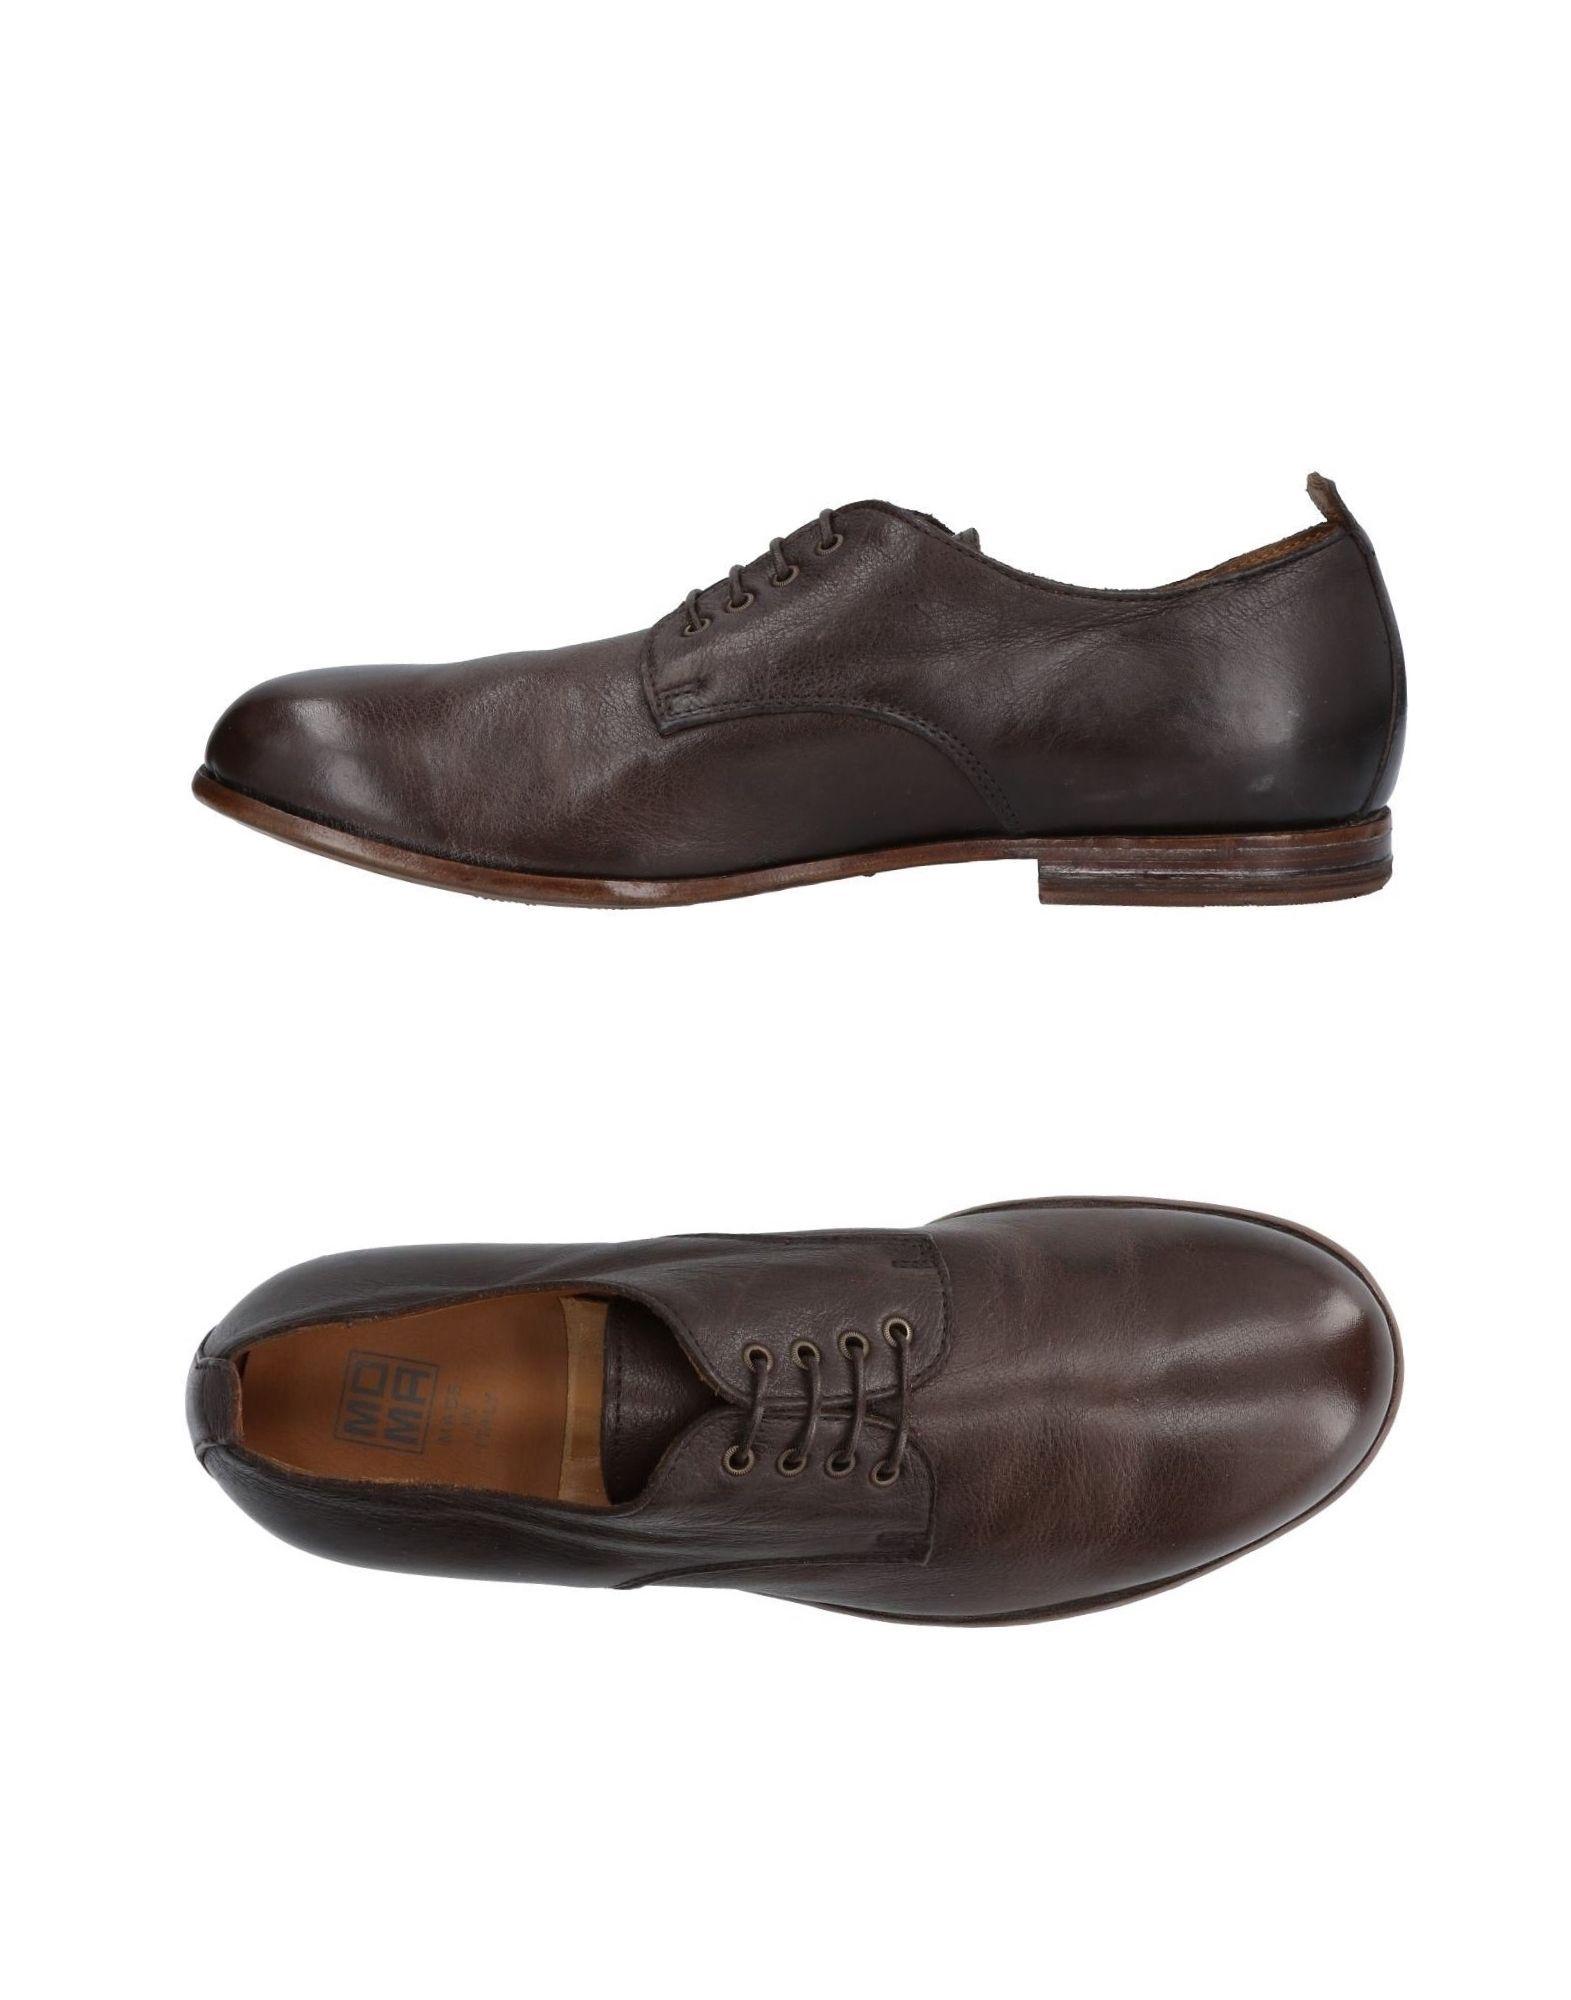 Moma Schnürschuhe Herren  11412595CT Gute Qualität beliebte Schuhe